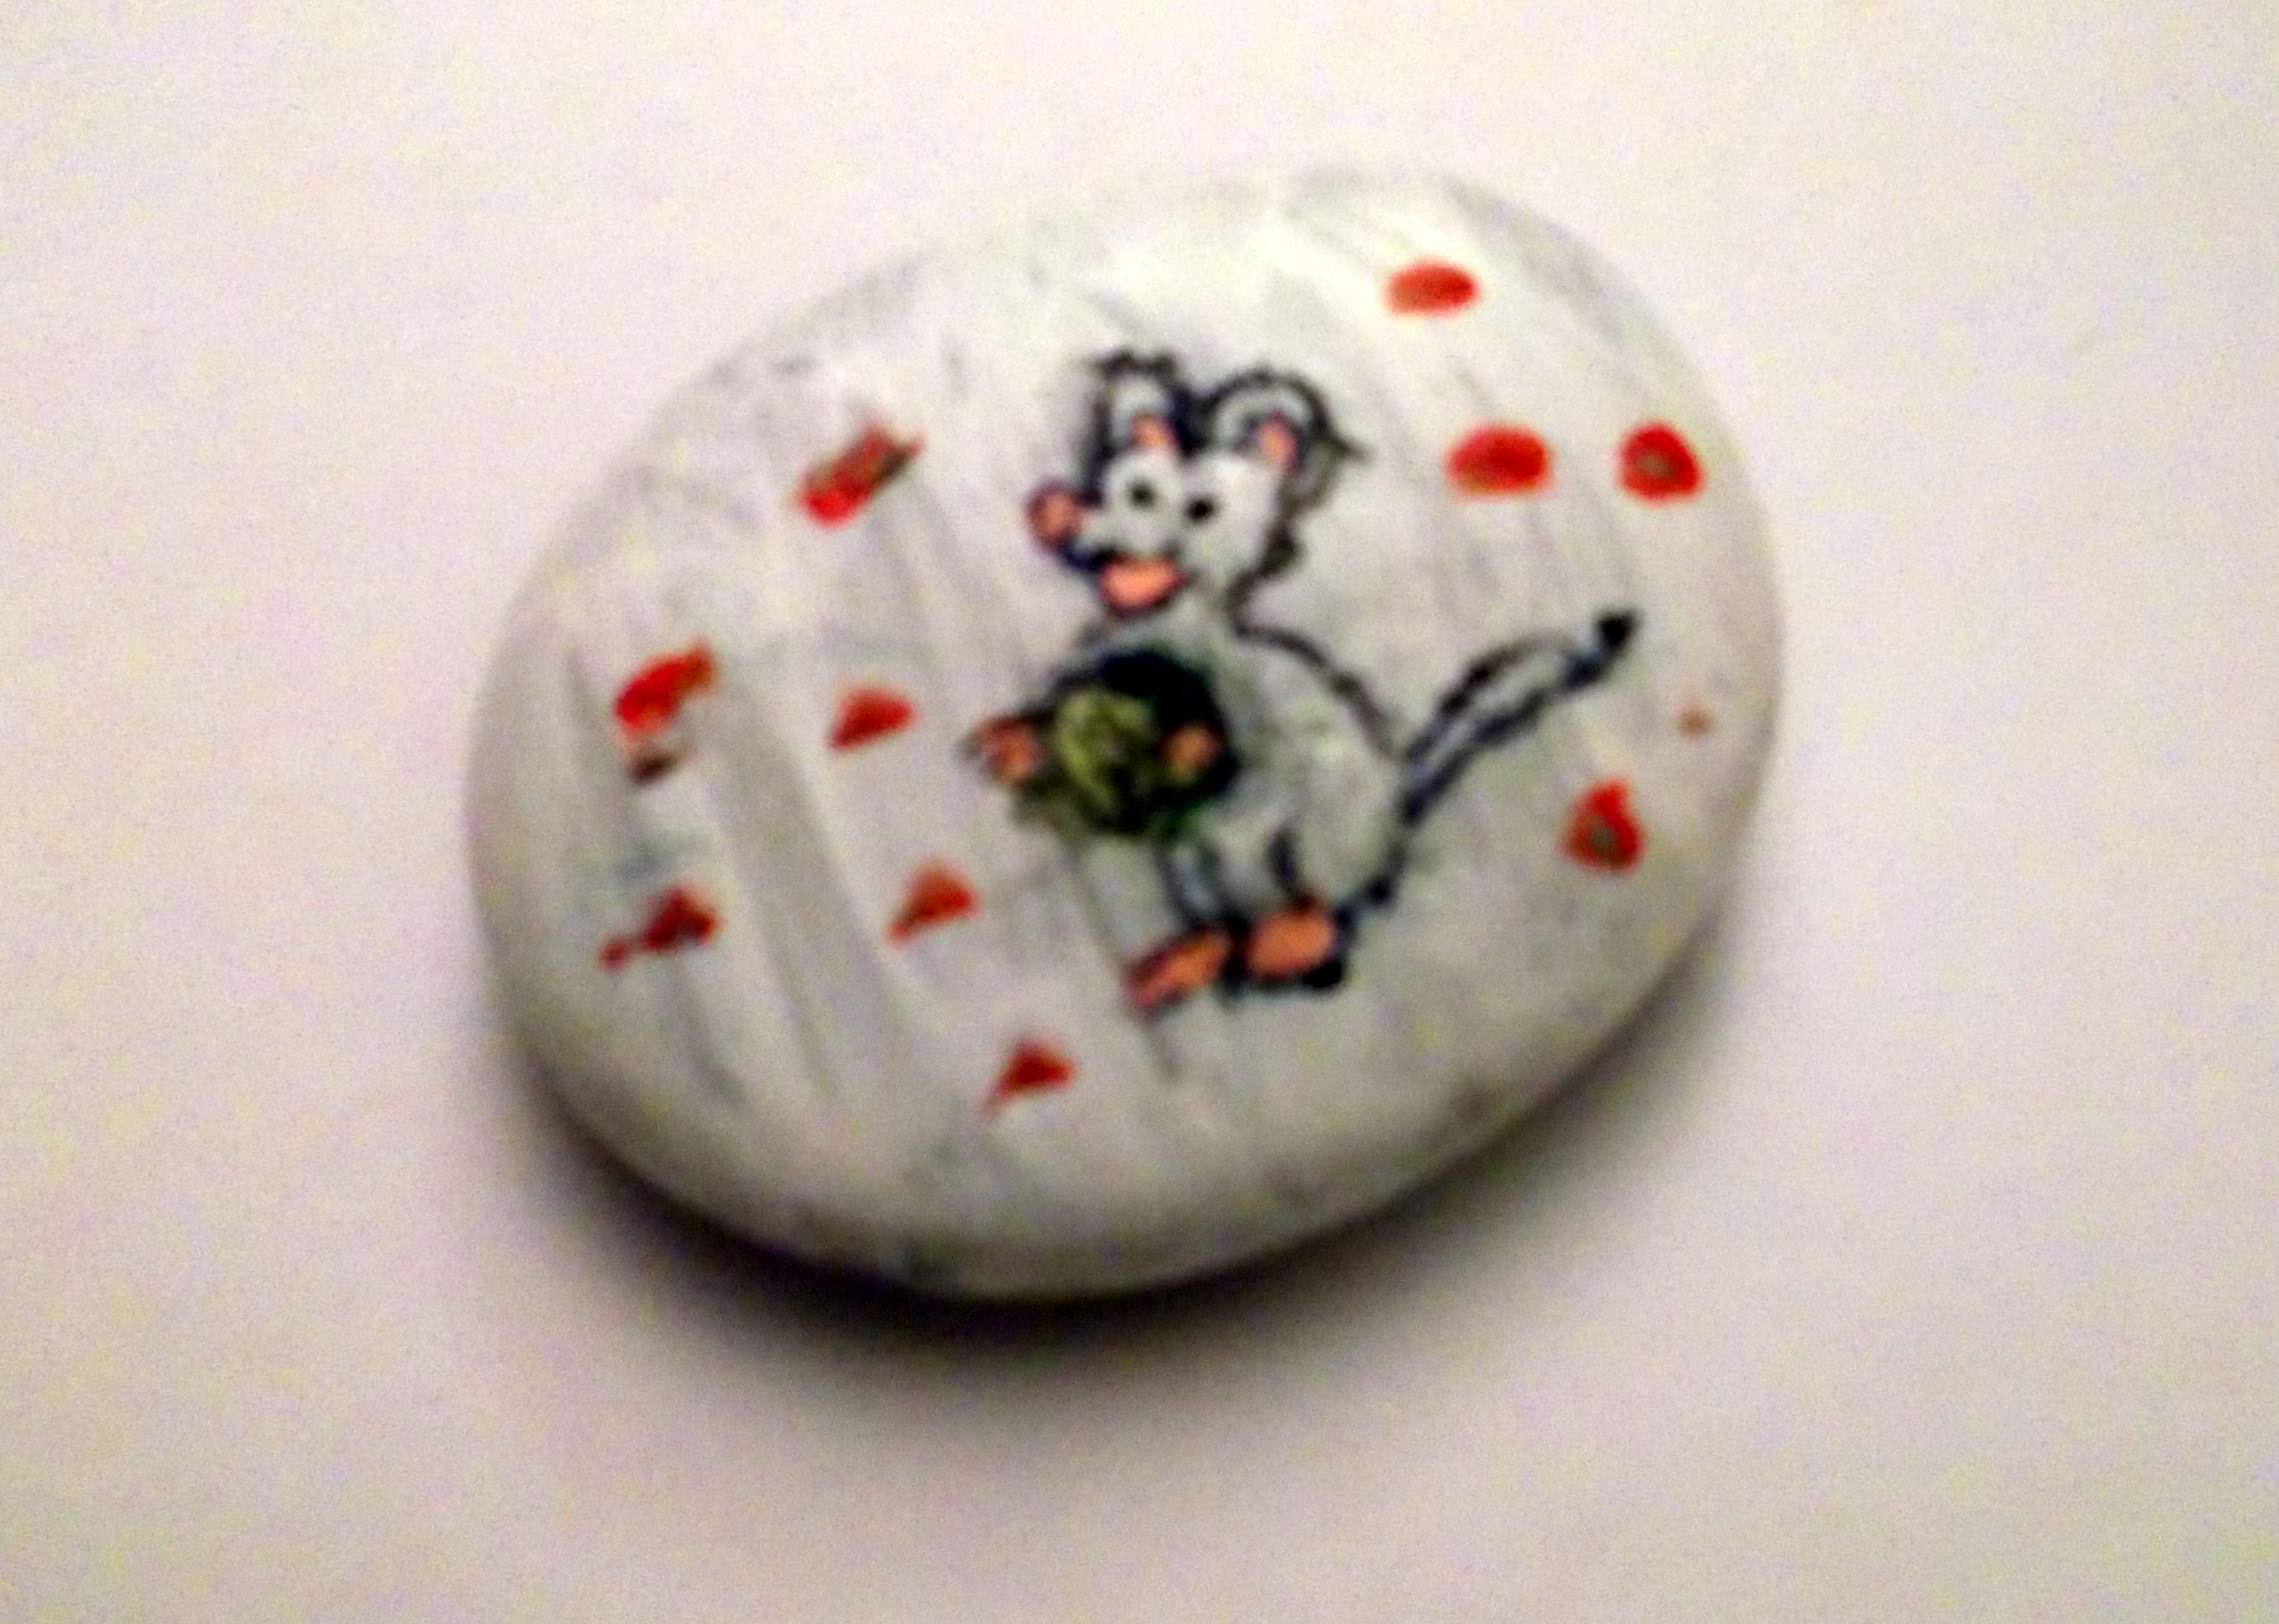 Pintando piedras del rio vivimos el arte en el estudio for Pintura para piedra natural